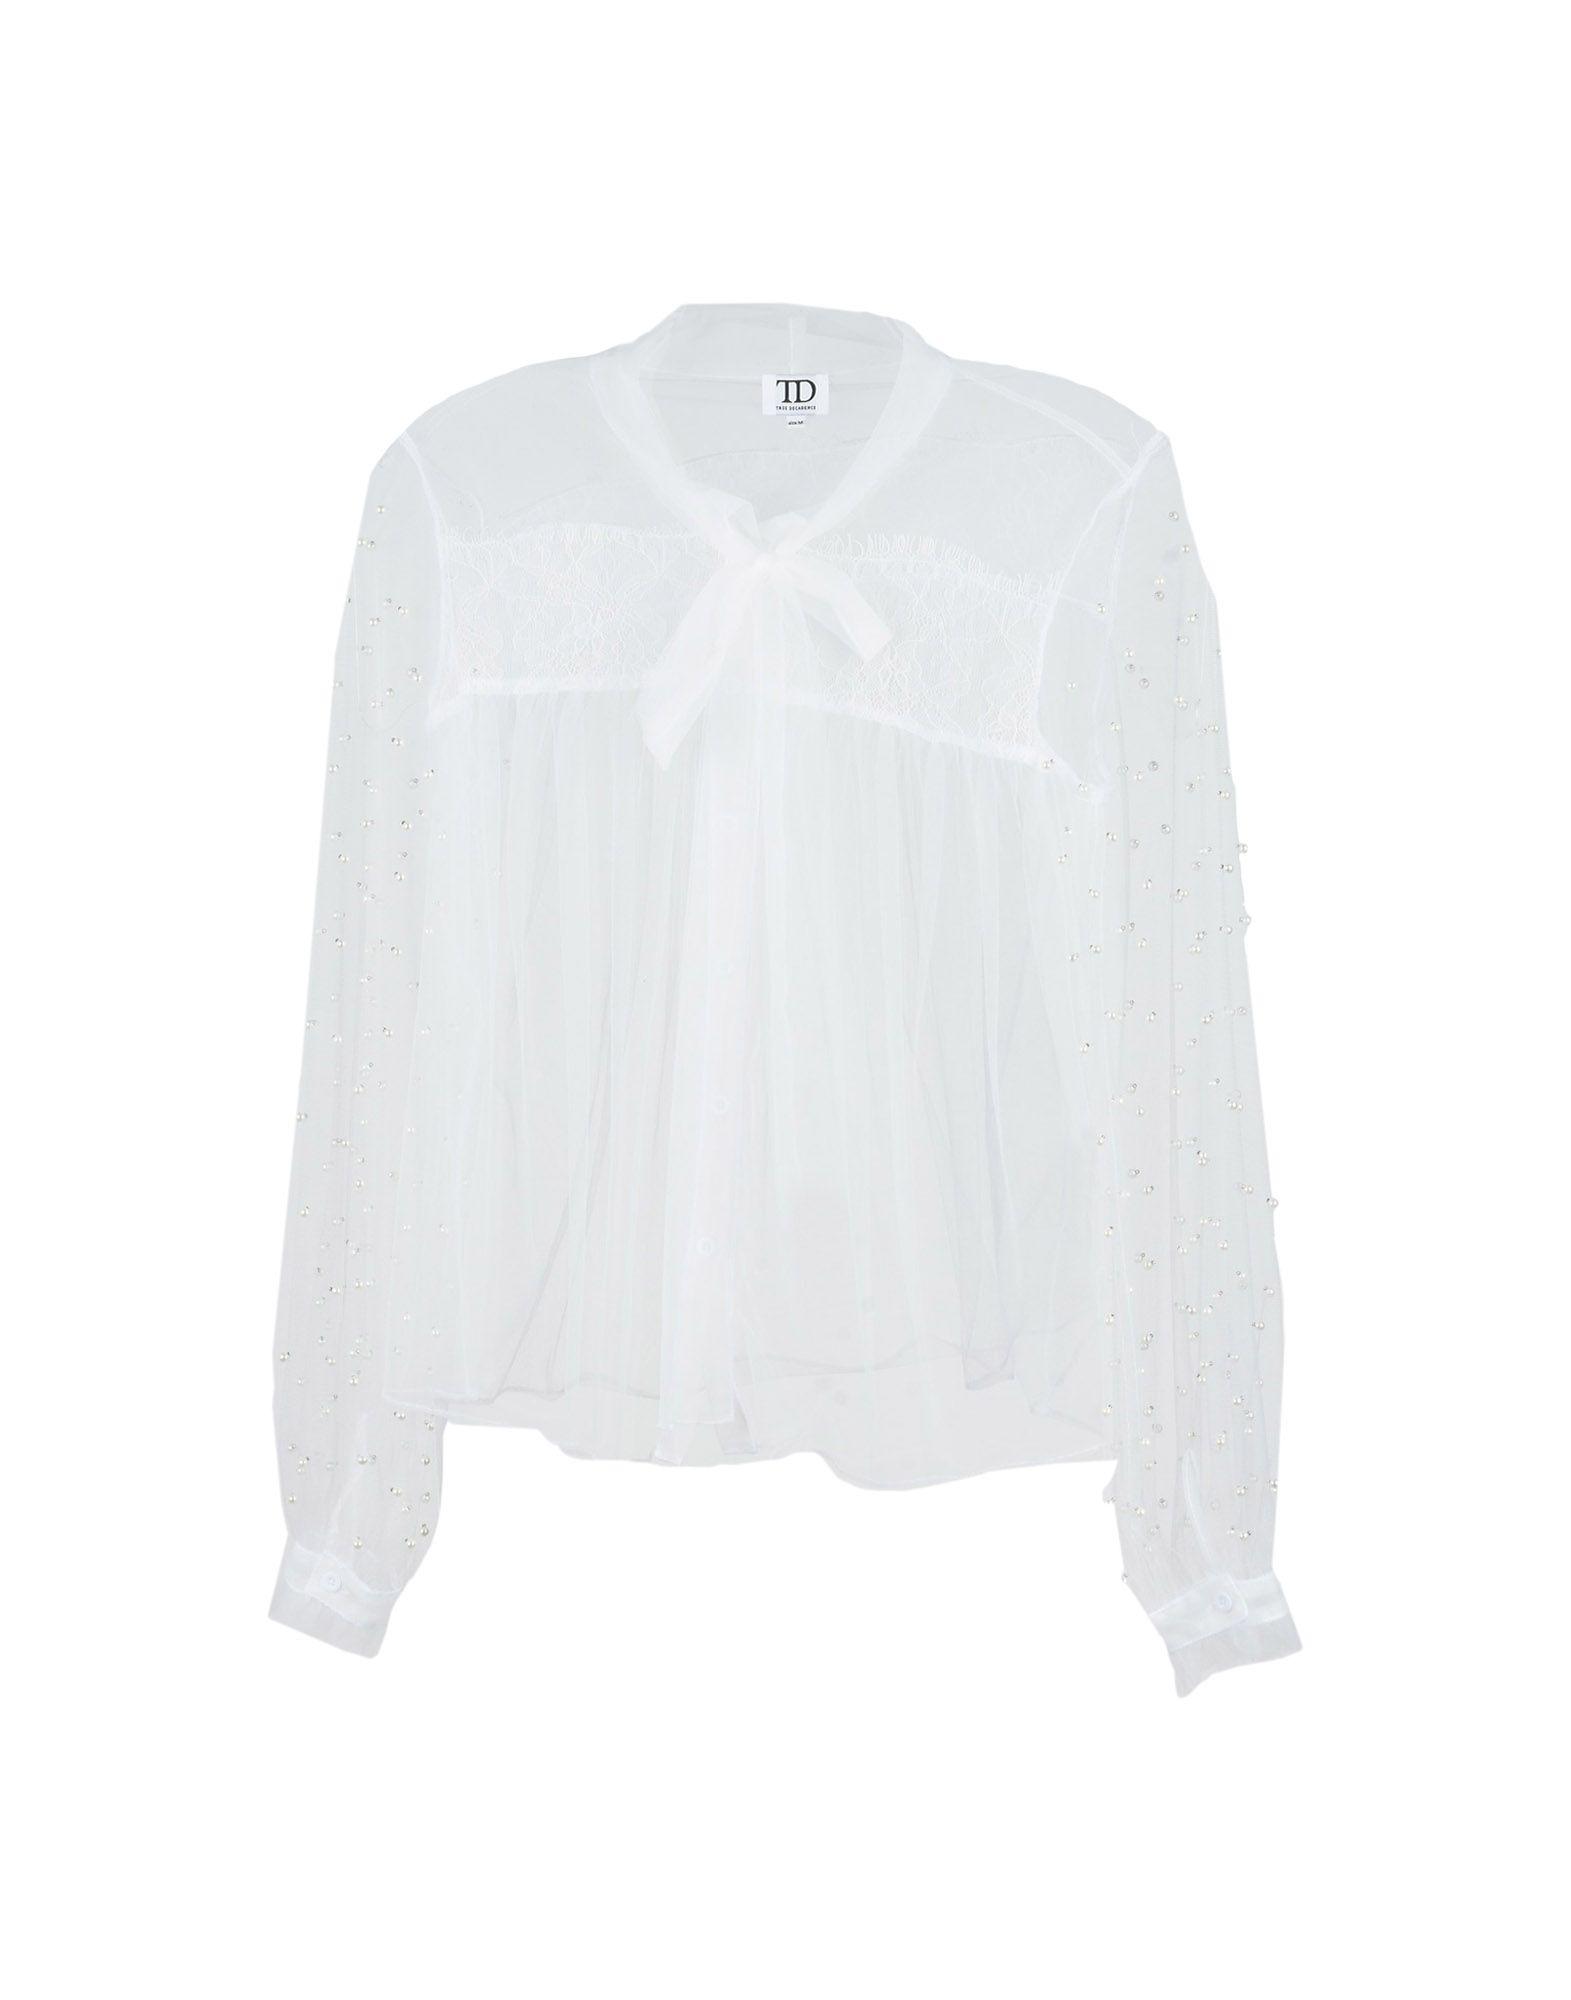 《送料無料》TD TRUE DECADENCE レディース シャツ ホワイト S ポリエステル 100%